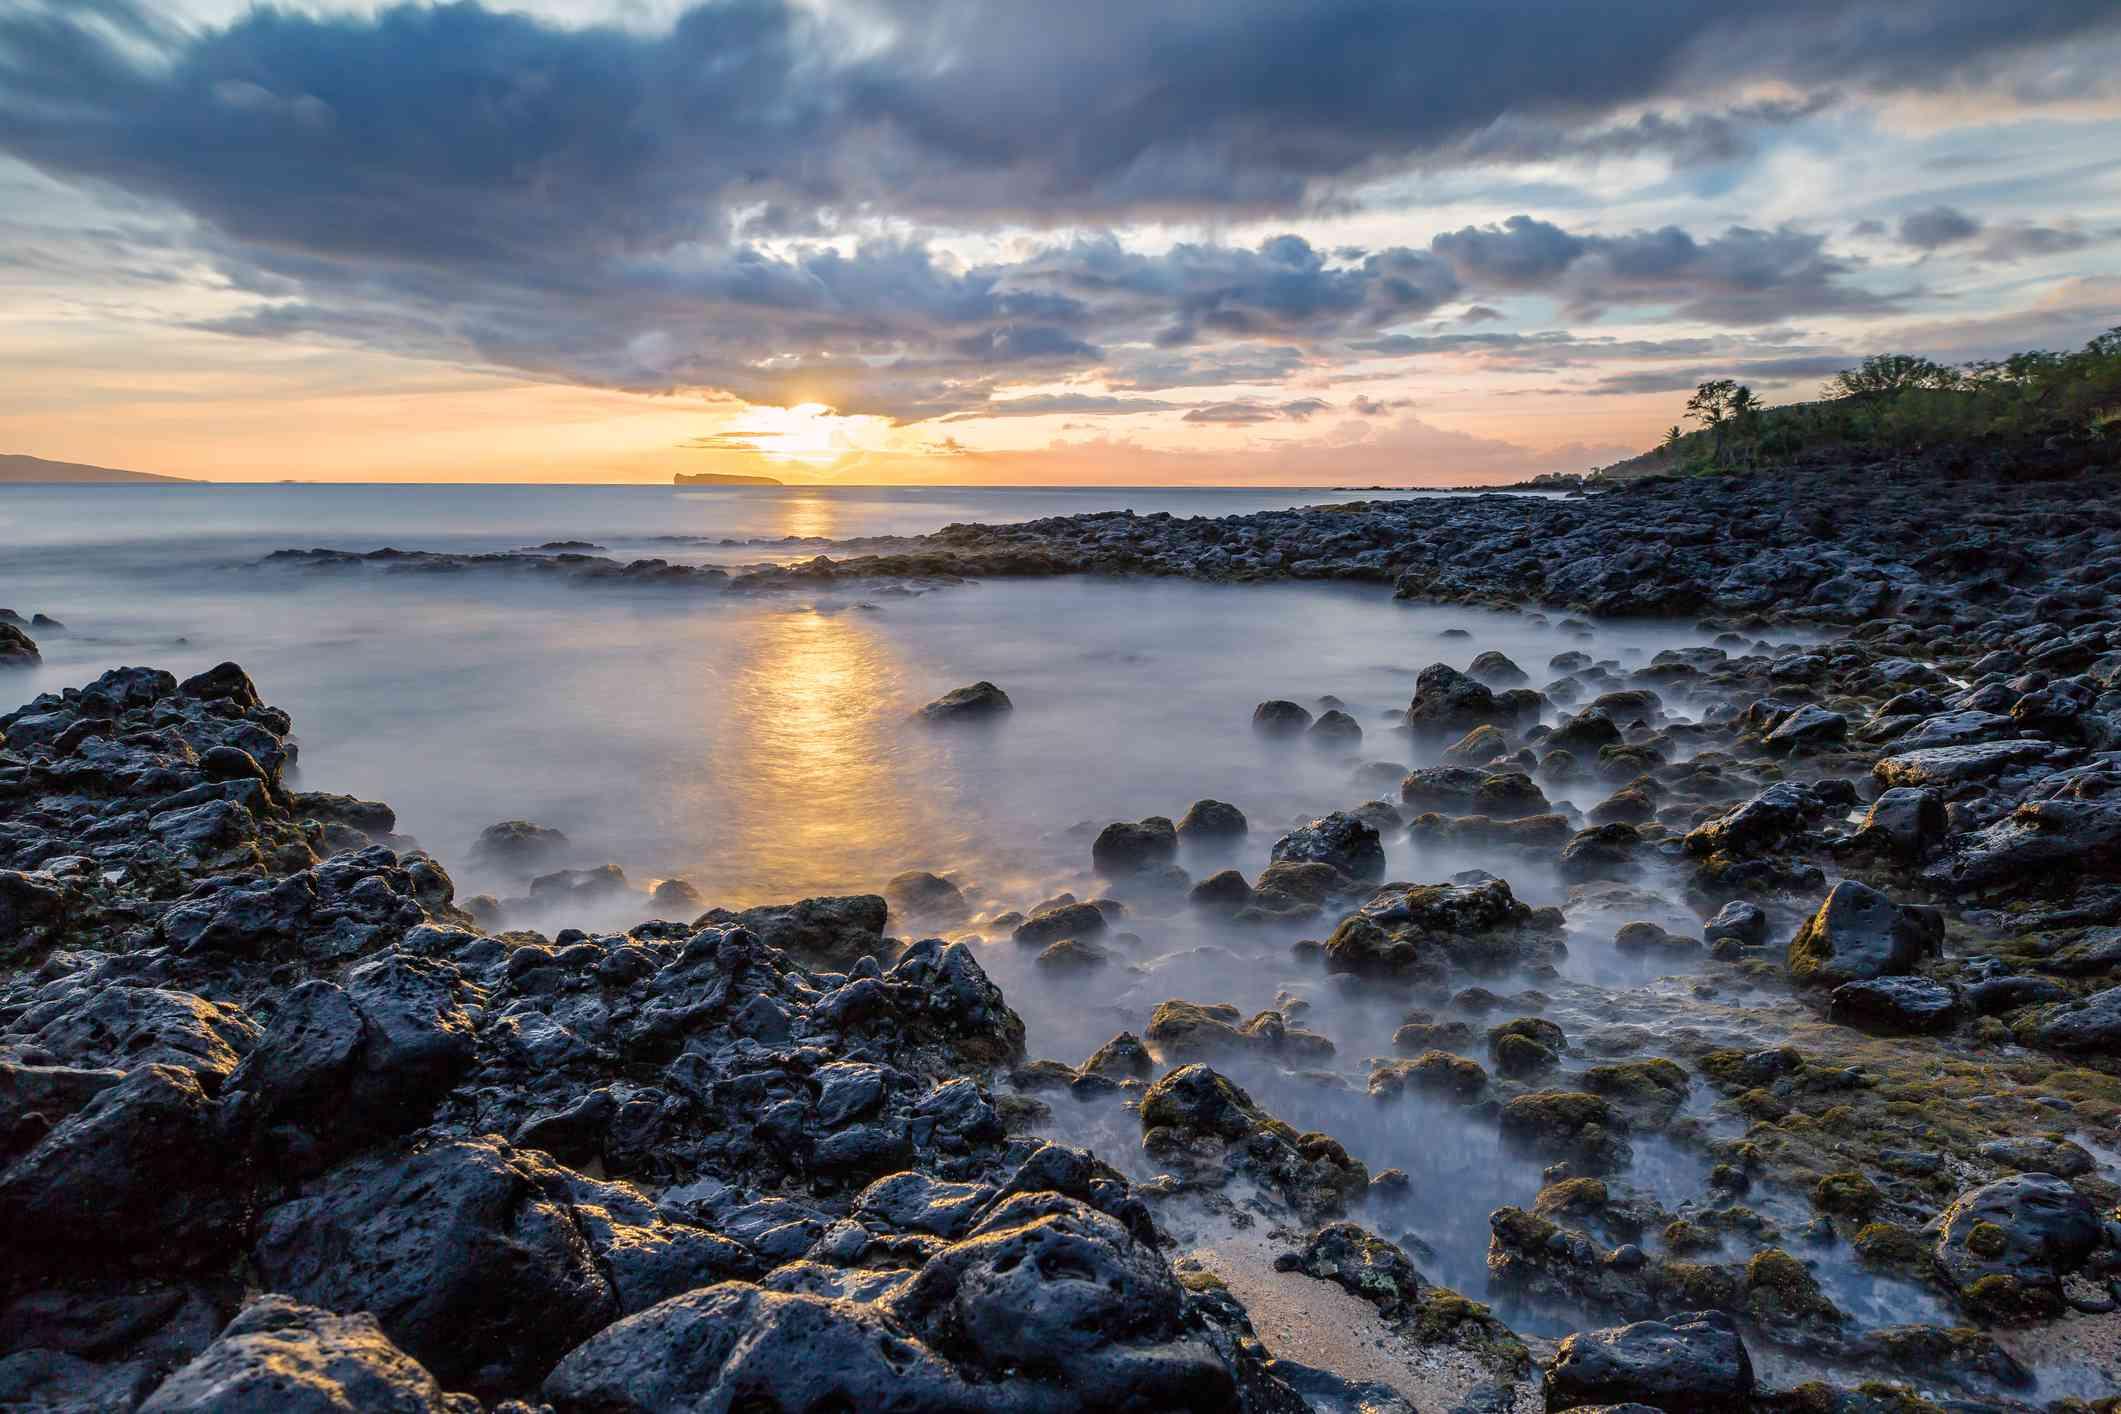 La Perouse Bay on Maui